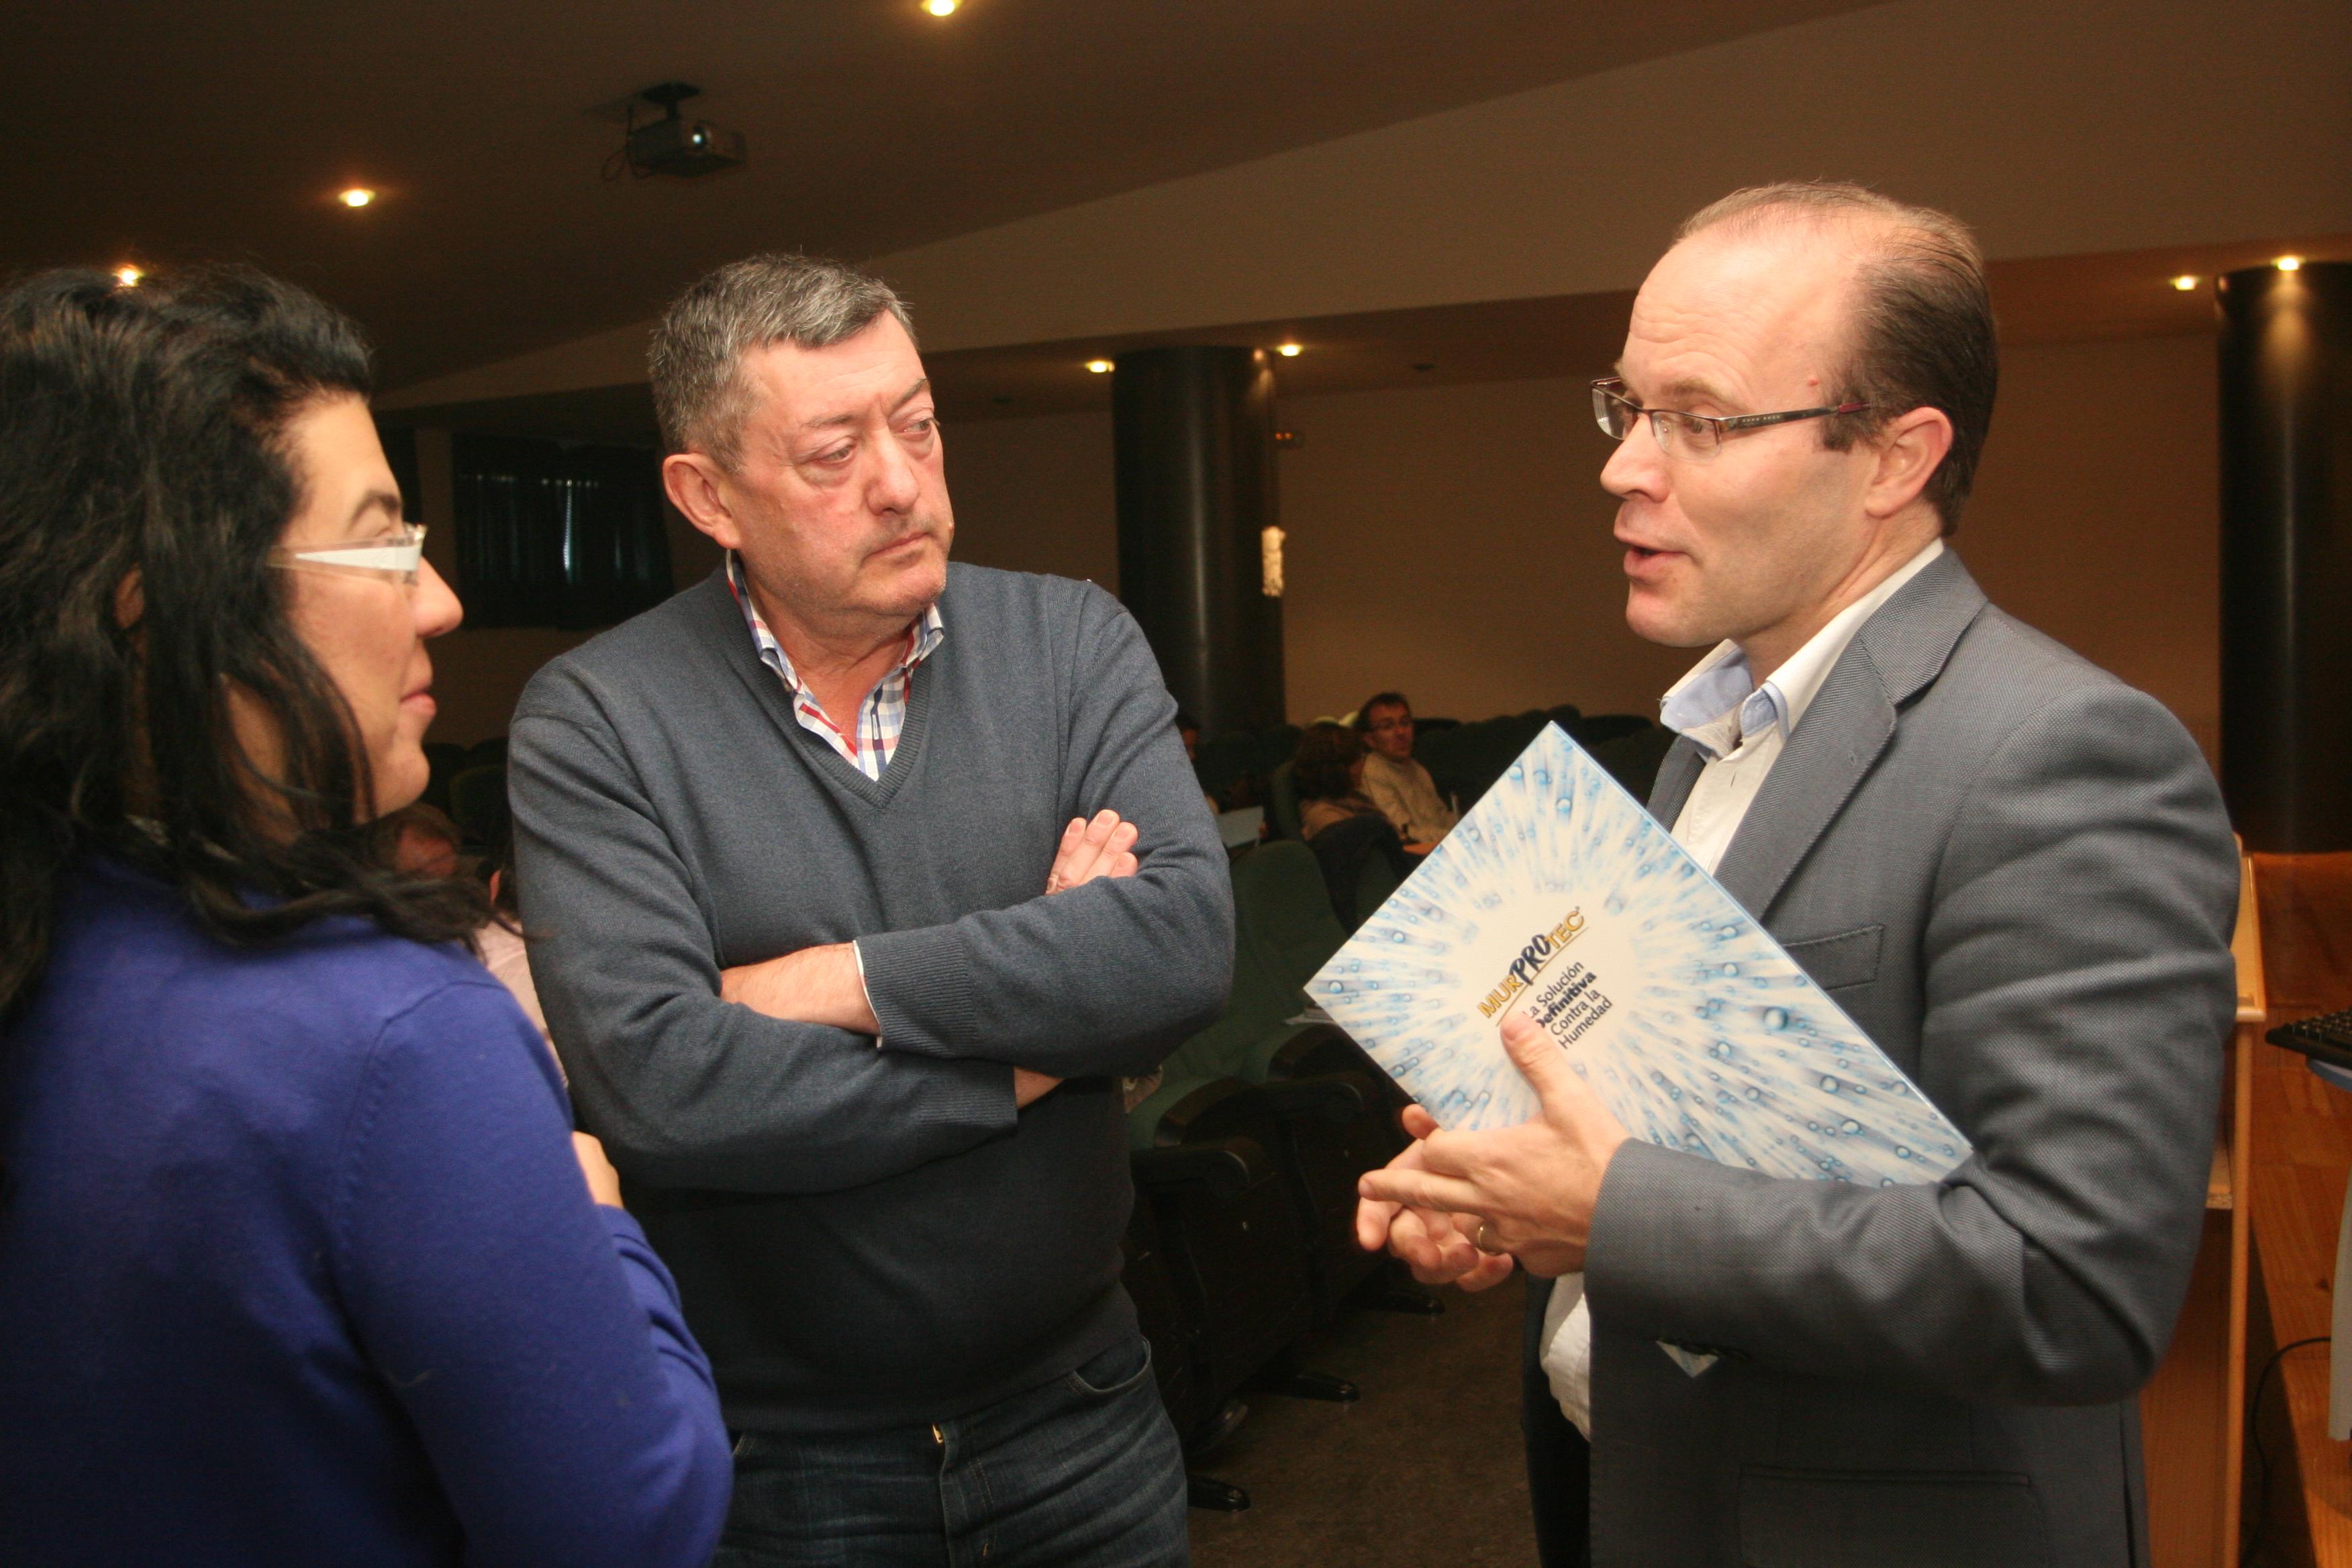 Jornada t cnica de murprotec en notas de prensa - Arquitectos ponferrada ...